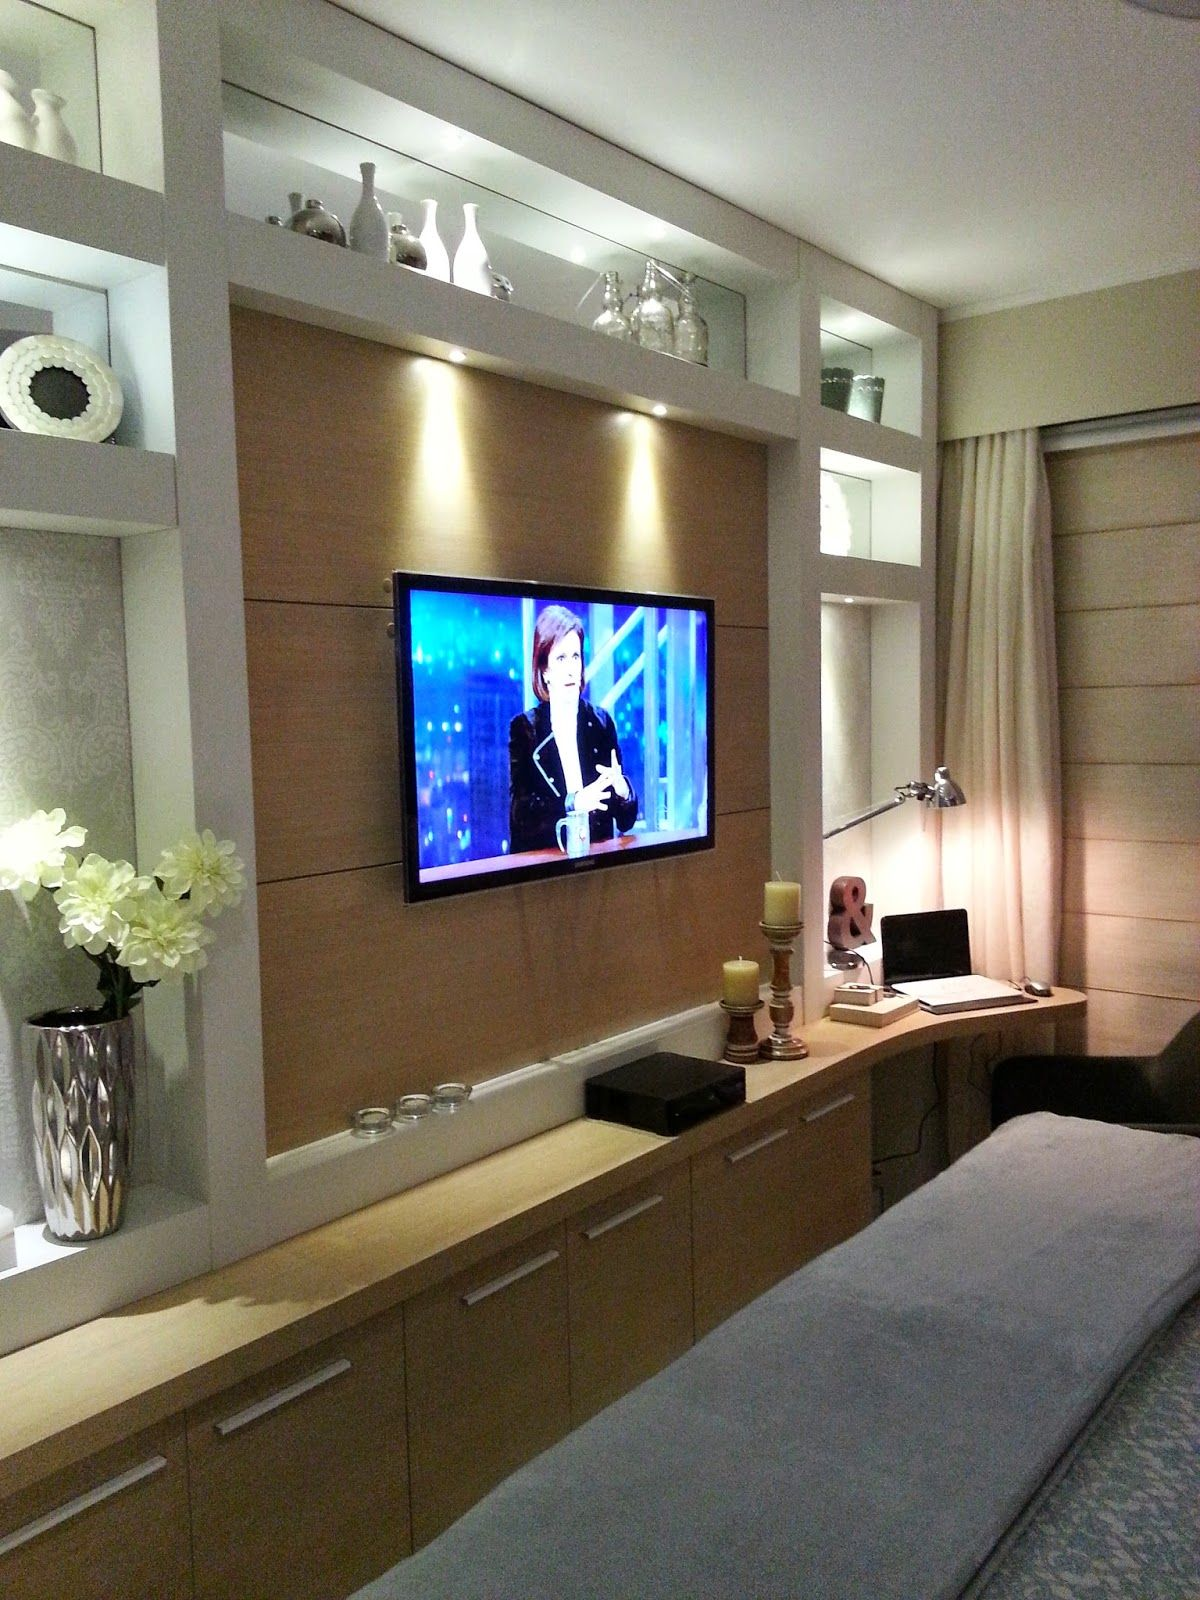 arquitetura e interiores muebles jcl pinterest wohnzimmer schlafzimmer und tv wand. Black Bedroom Furniture Sets. Home Design Ideas